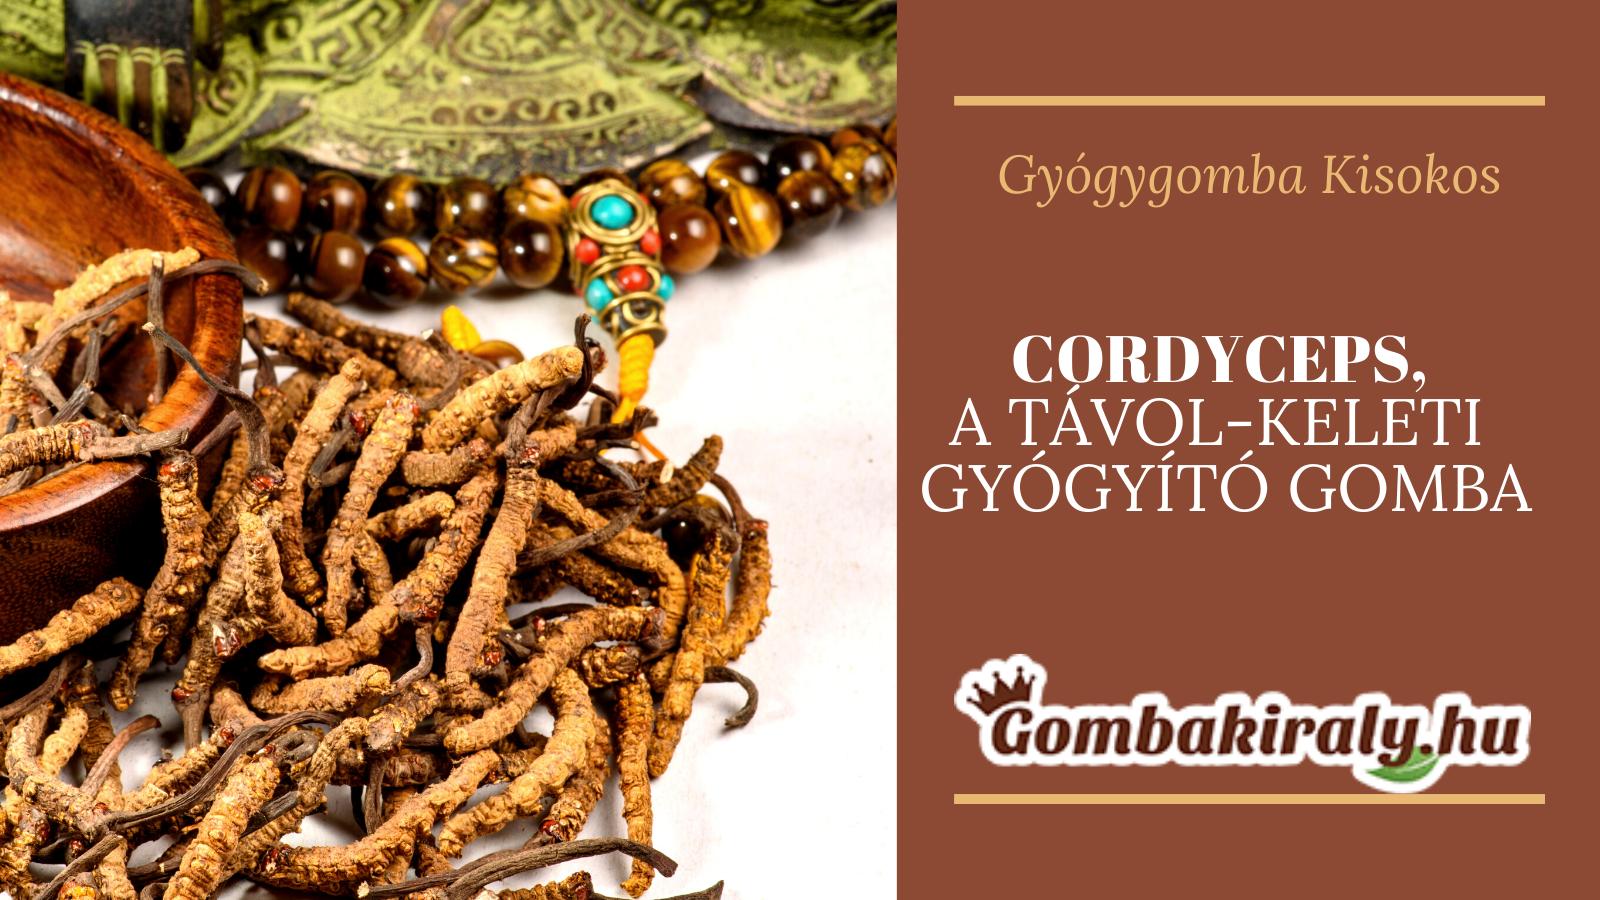 Cordyceps – a távol-keleti gyógyító gomba